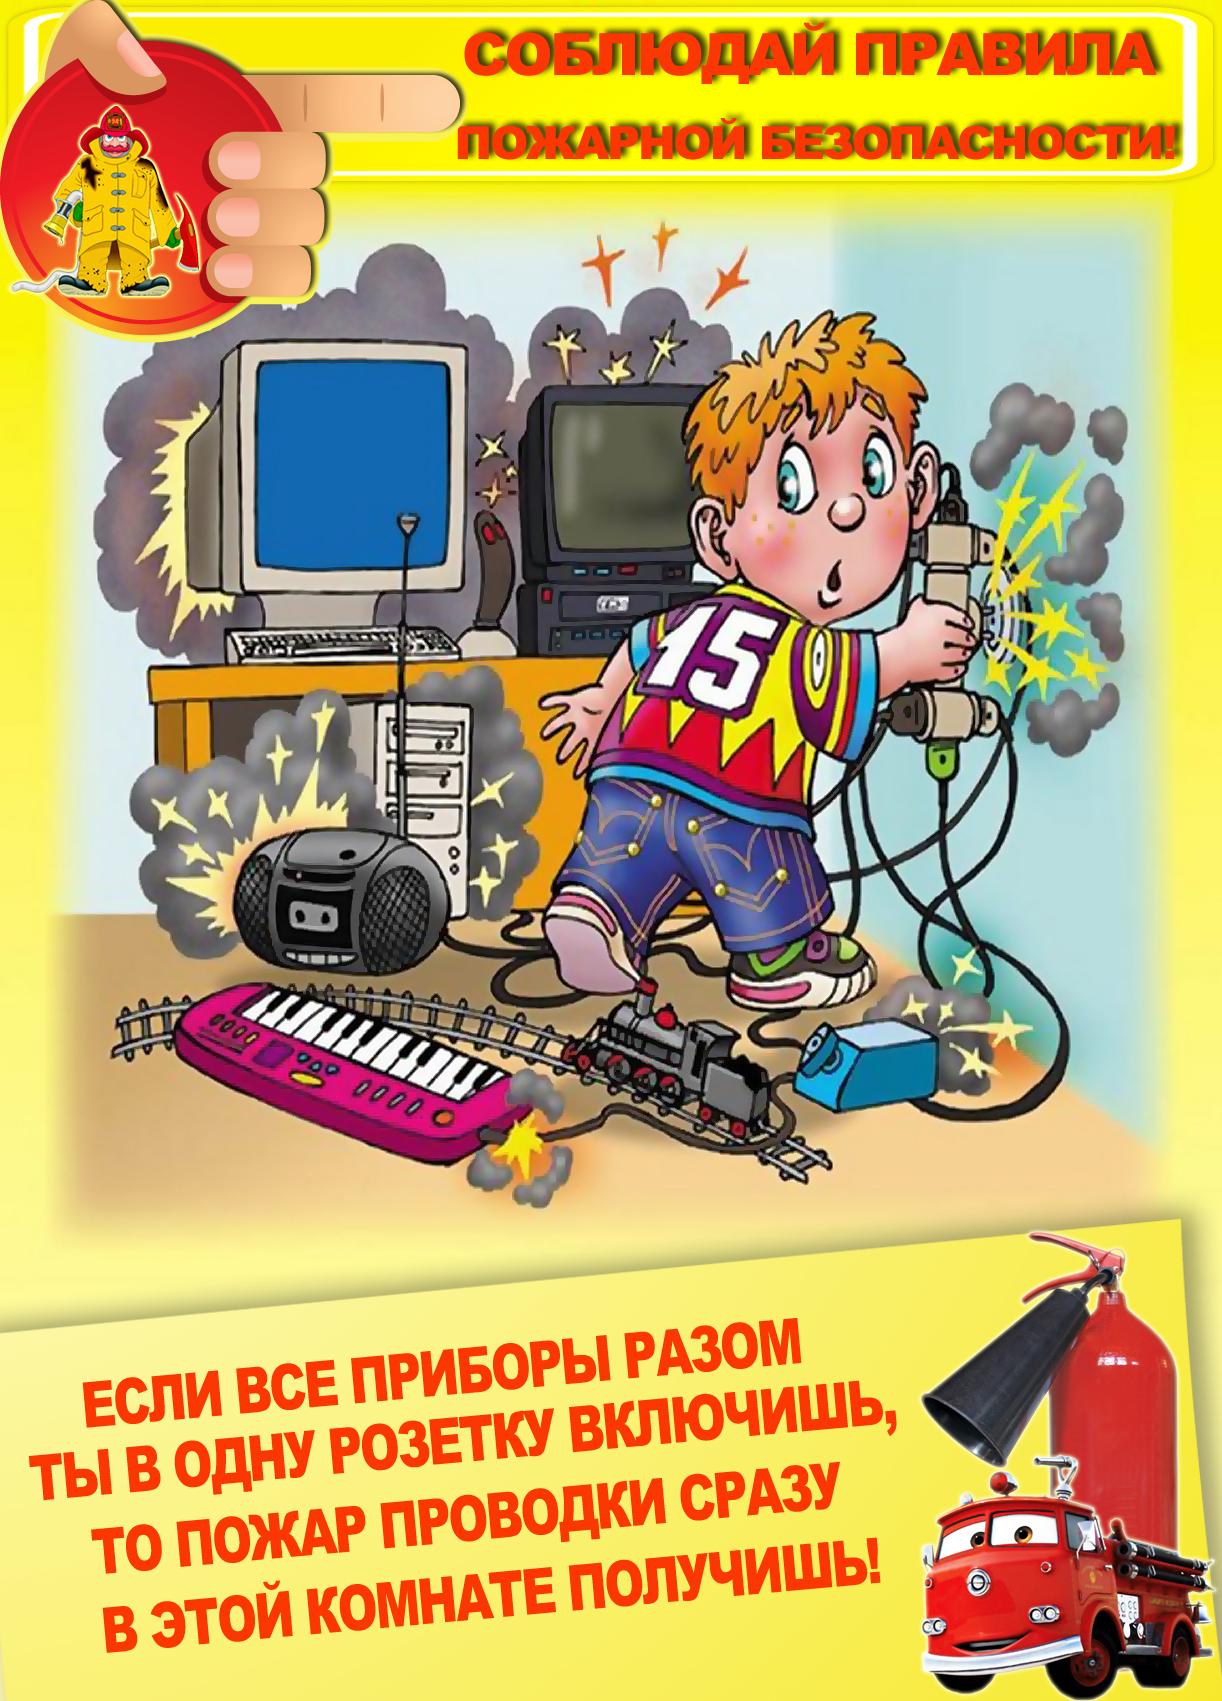 инструкция по охране труда и техники безопасности в детском саду